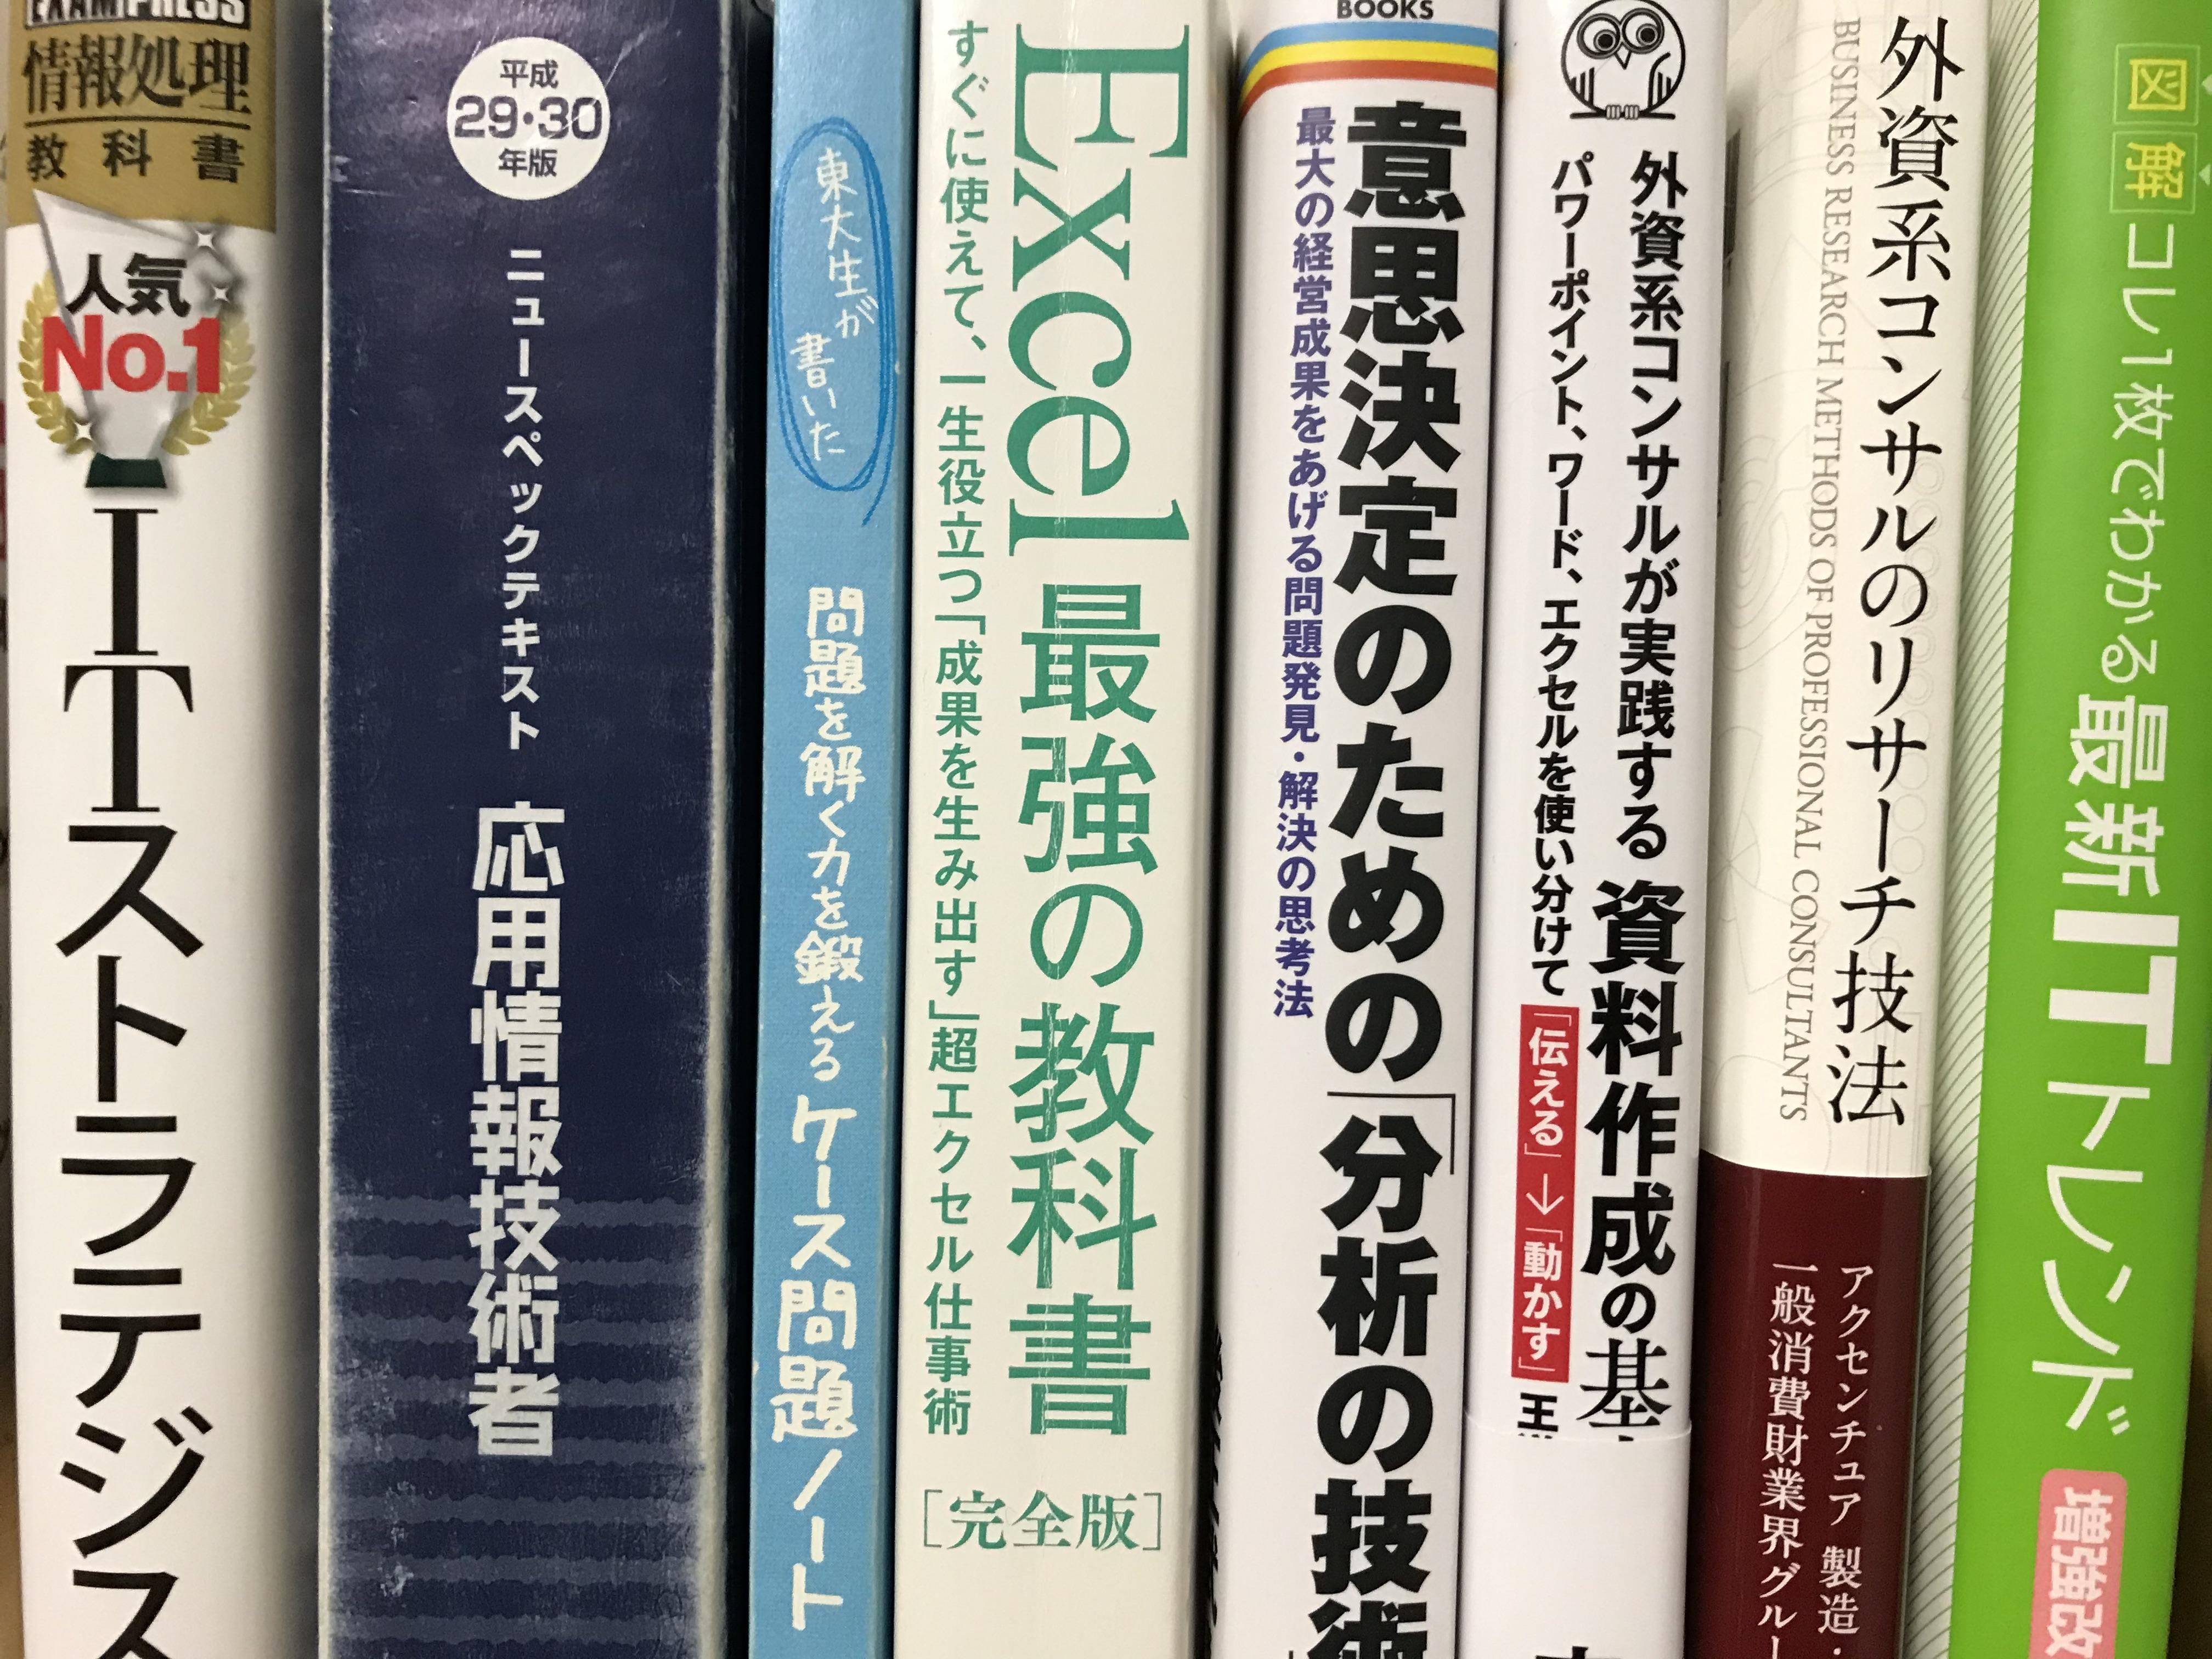 外資系コンサルがオススメする書籍6選!新卒も転職志望者も活躍したいなら必読です